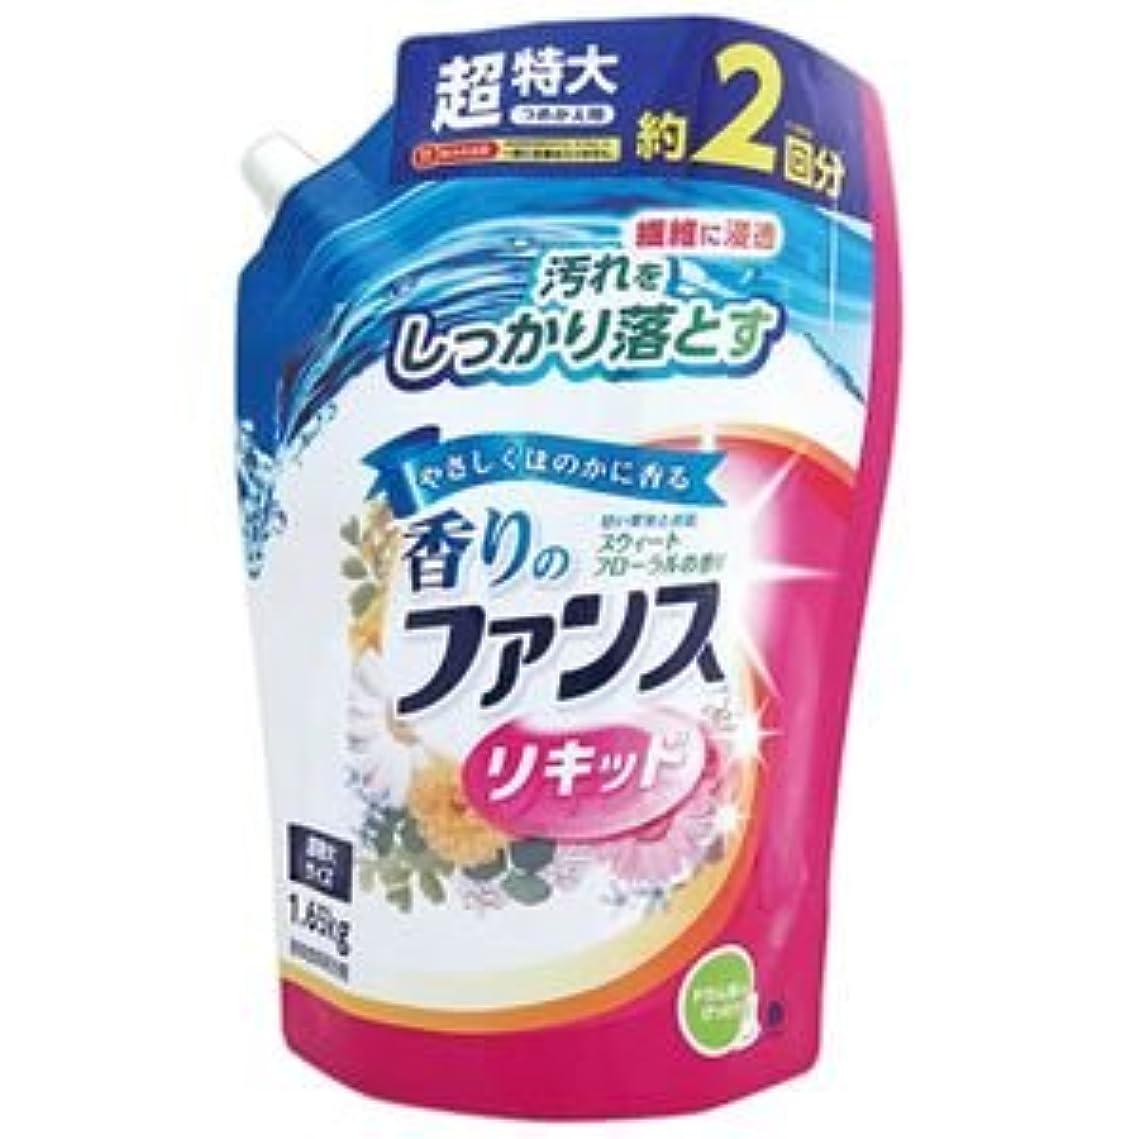 気球通貨ポンプ(まとめ) 第一石鹸 香りのファンス 液体衣料用洗剤リキッド 詰替用 1.65kg 1セット(6個) 【×2セット】